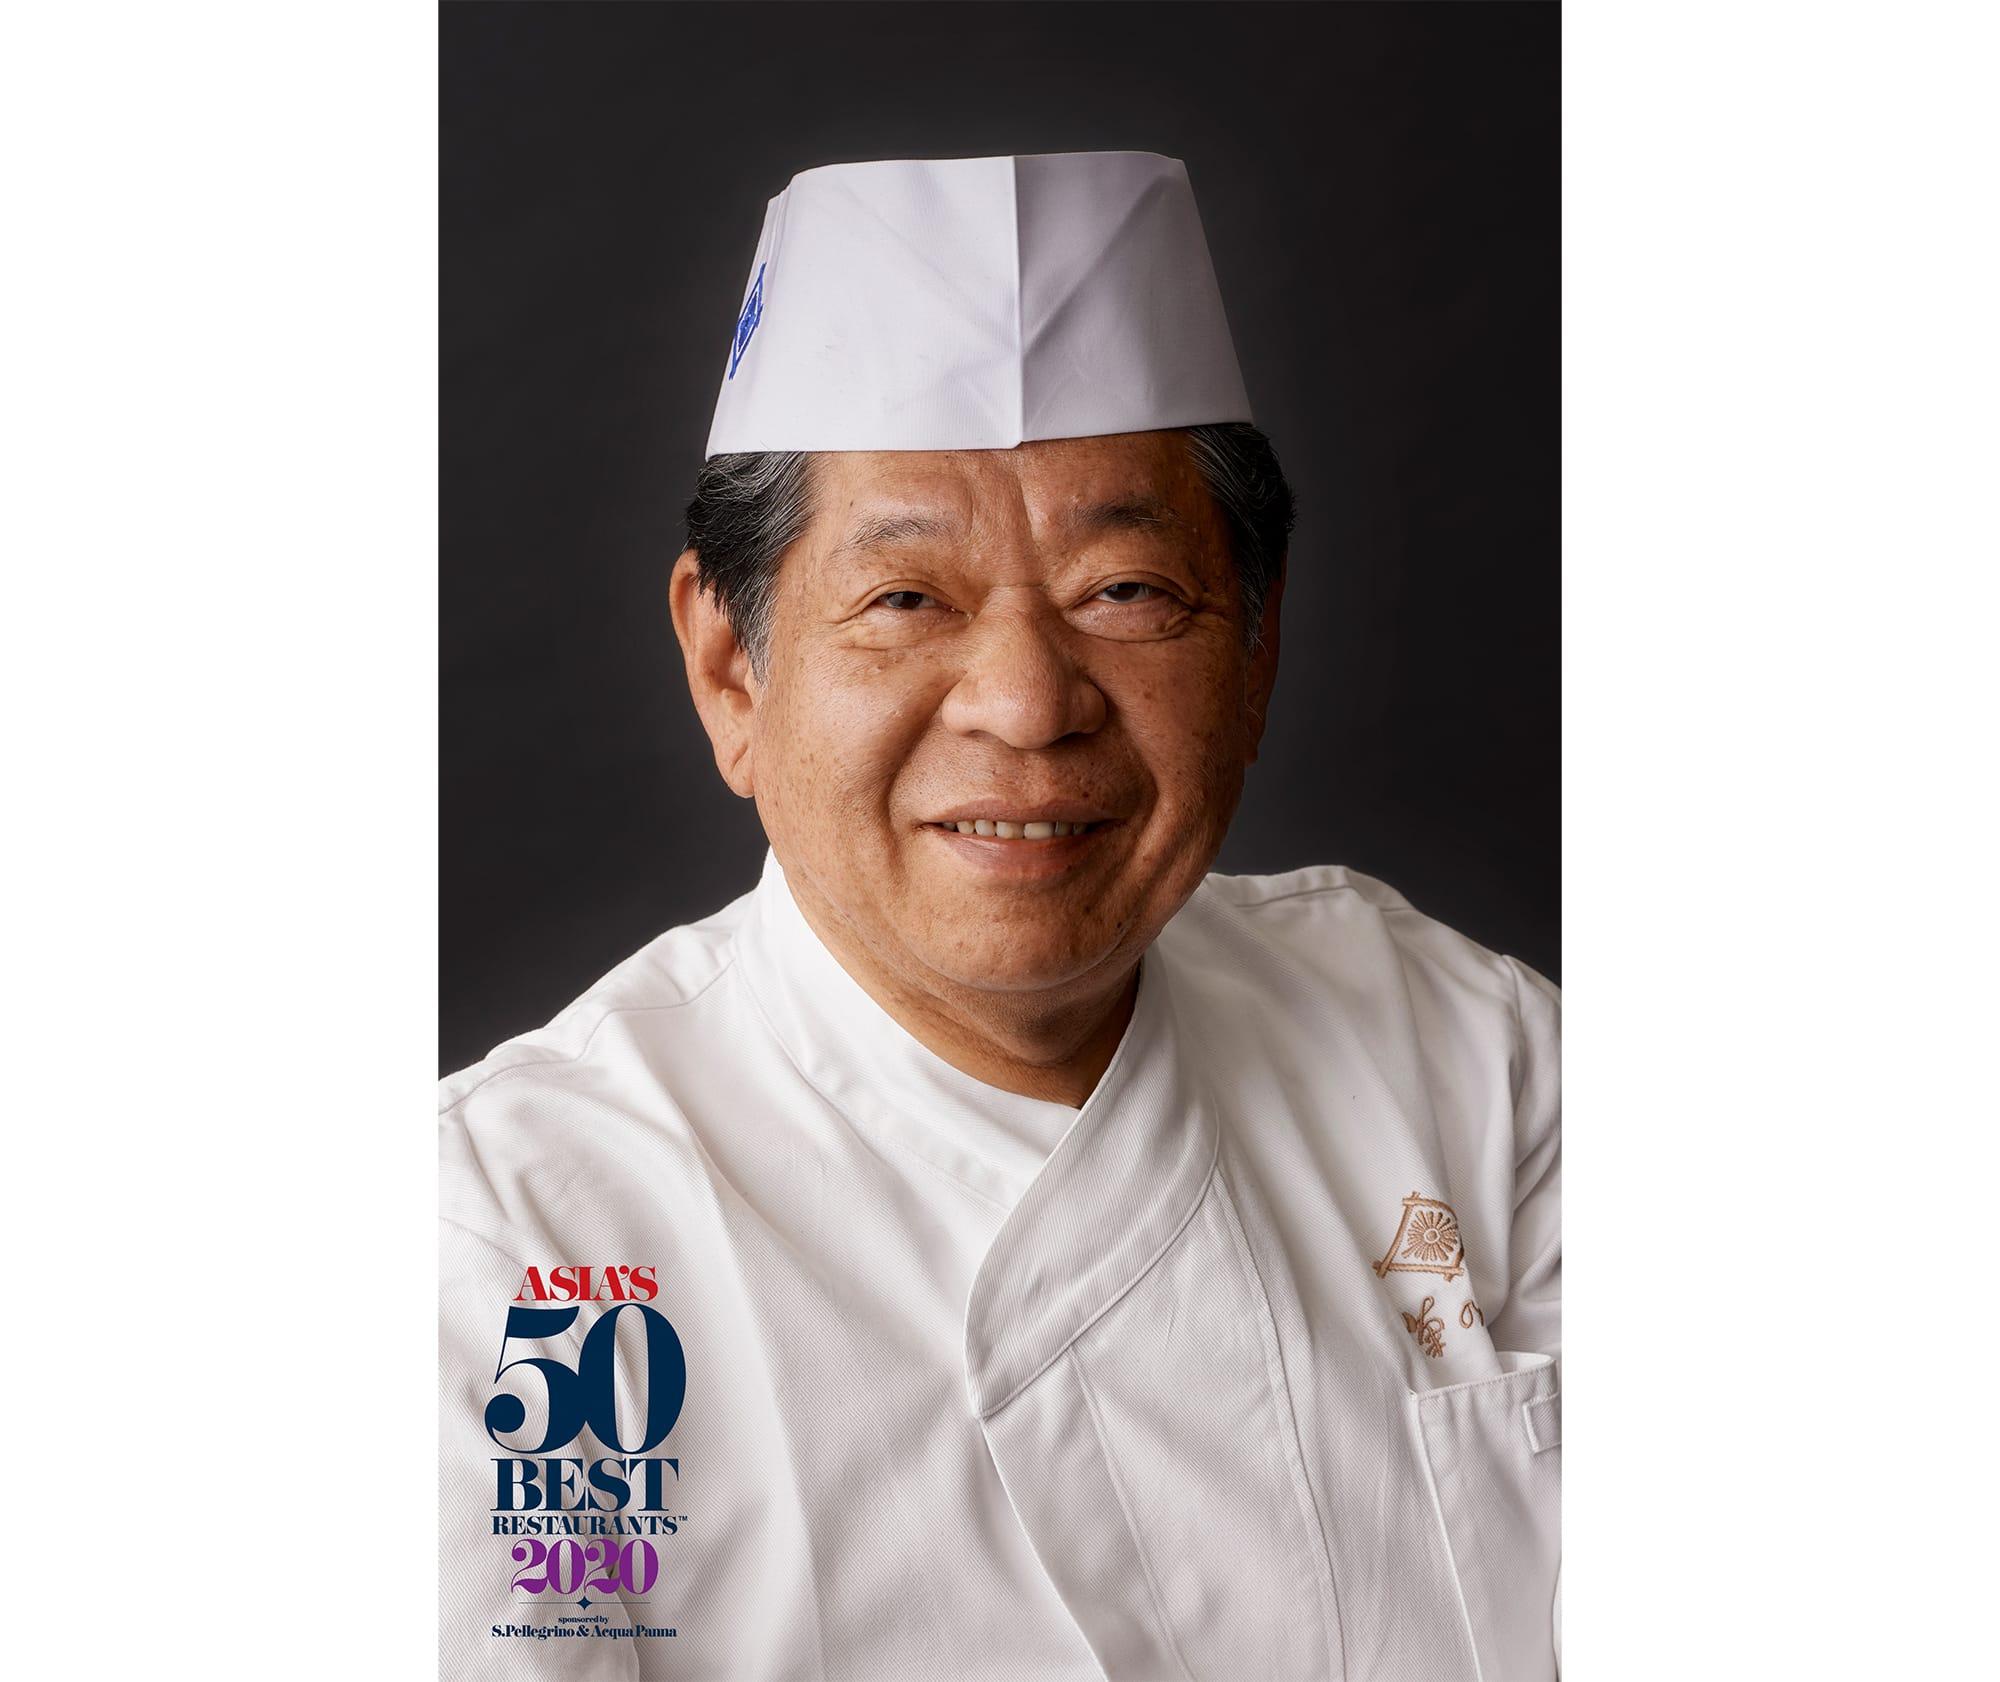 NPO「日本料理アカデミー」を創設するなど、日本料理のプレゼンス向上と次世代の料理人の育成に尽力してきた村田吉弘。